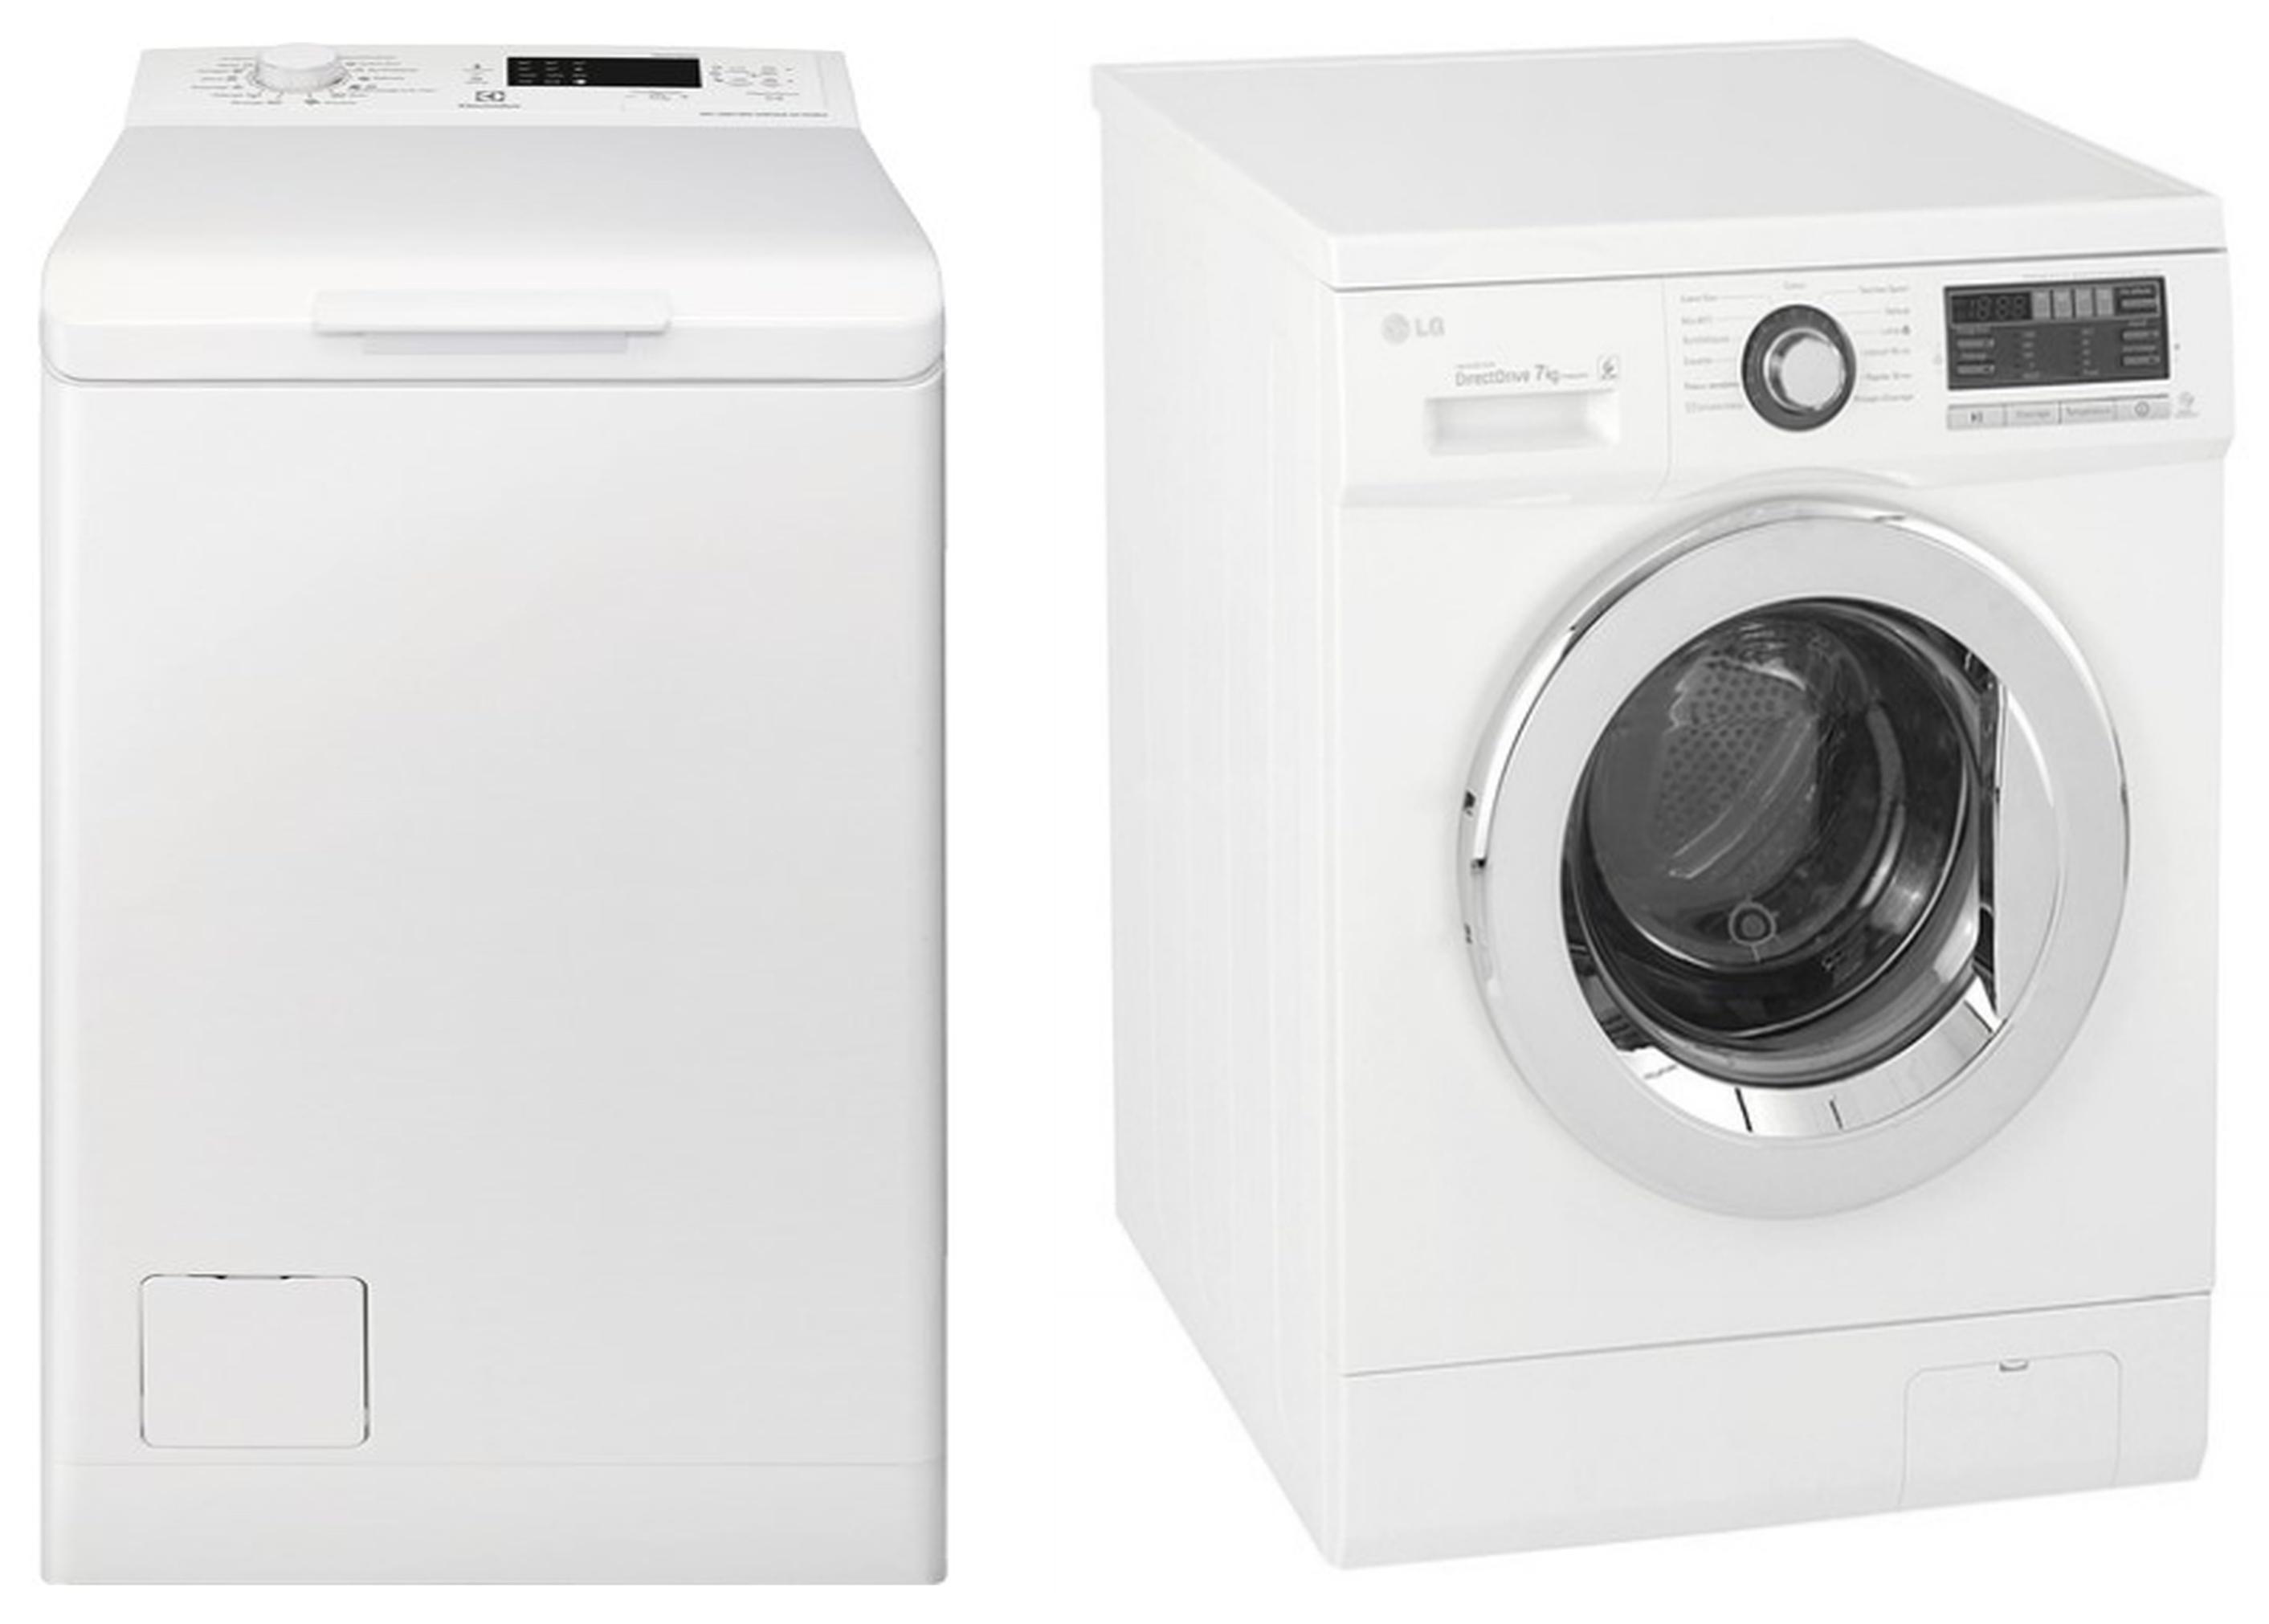 Bien Choisir Son Four guide d'achat : bien choisir son lave-linge < promos, deals